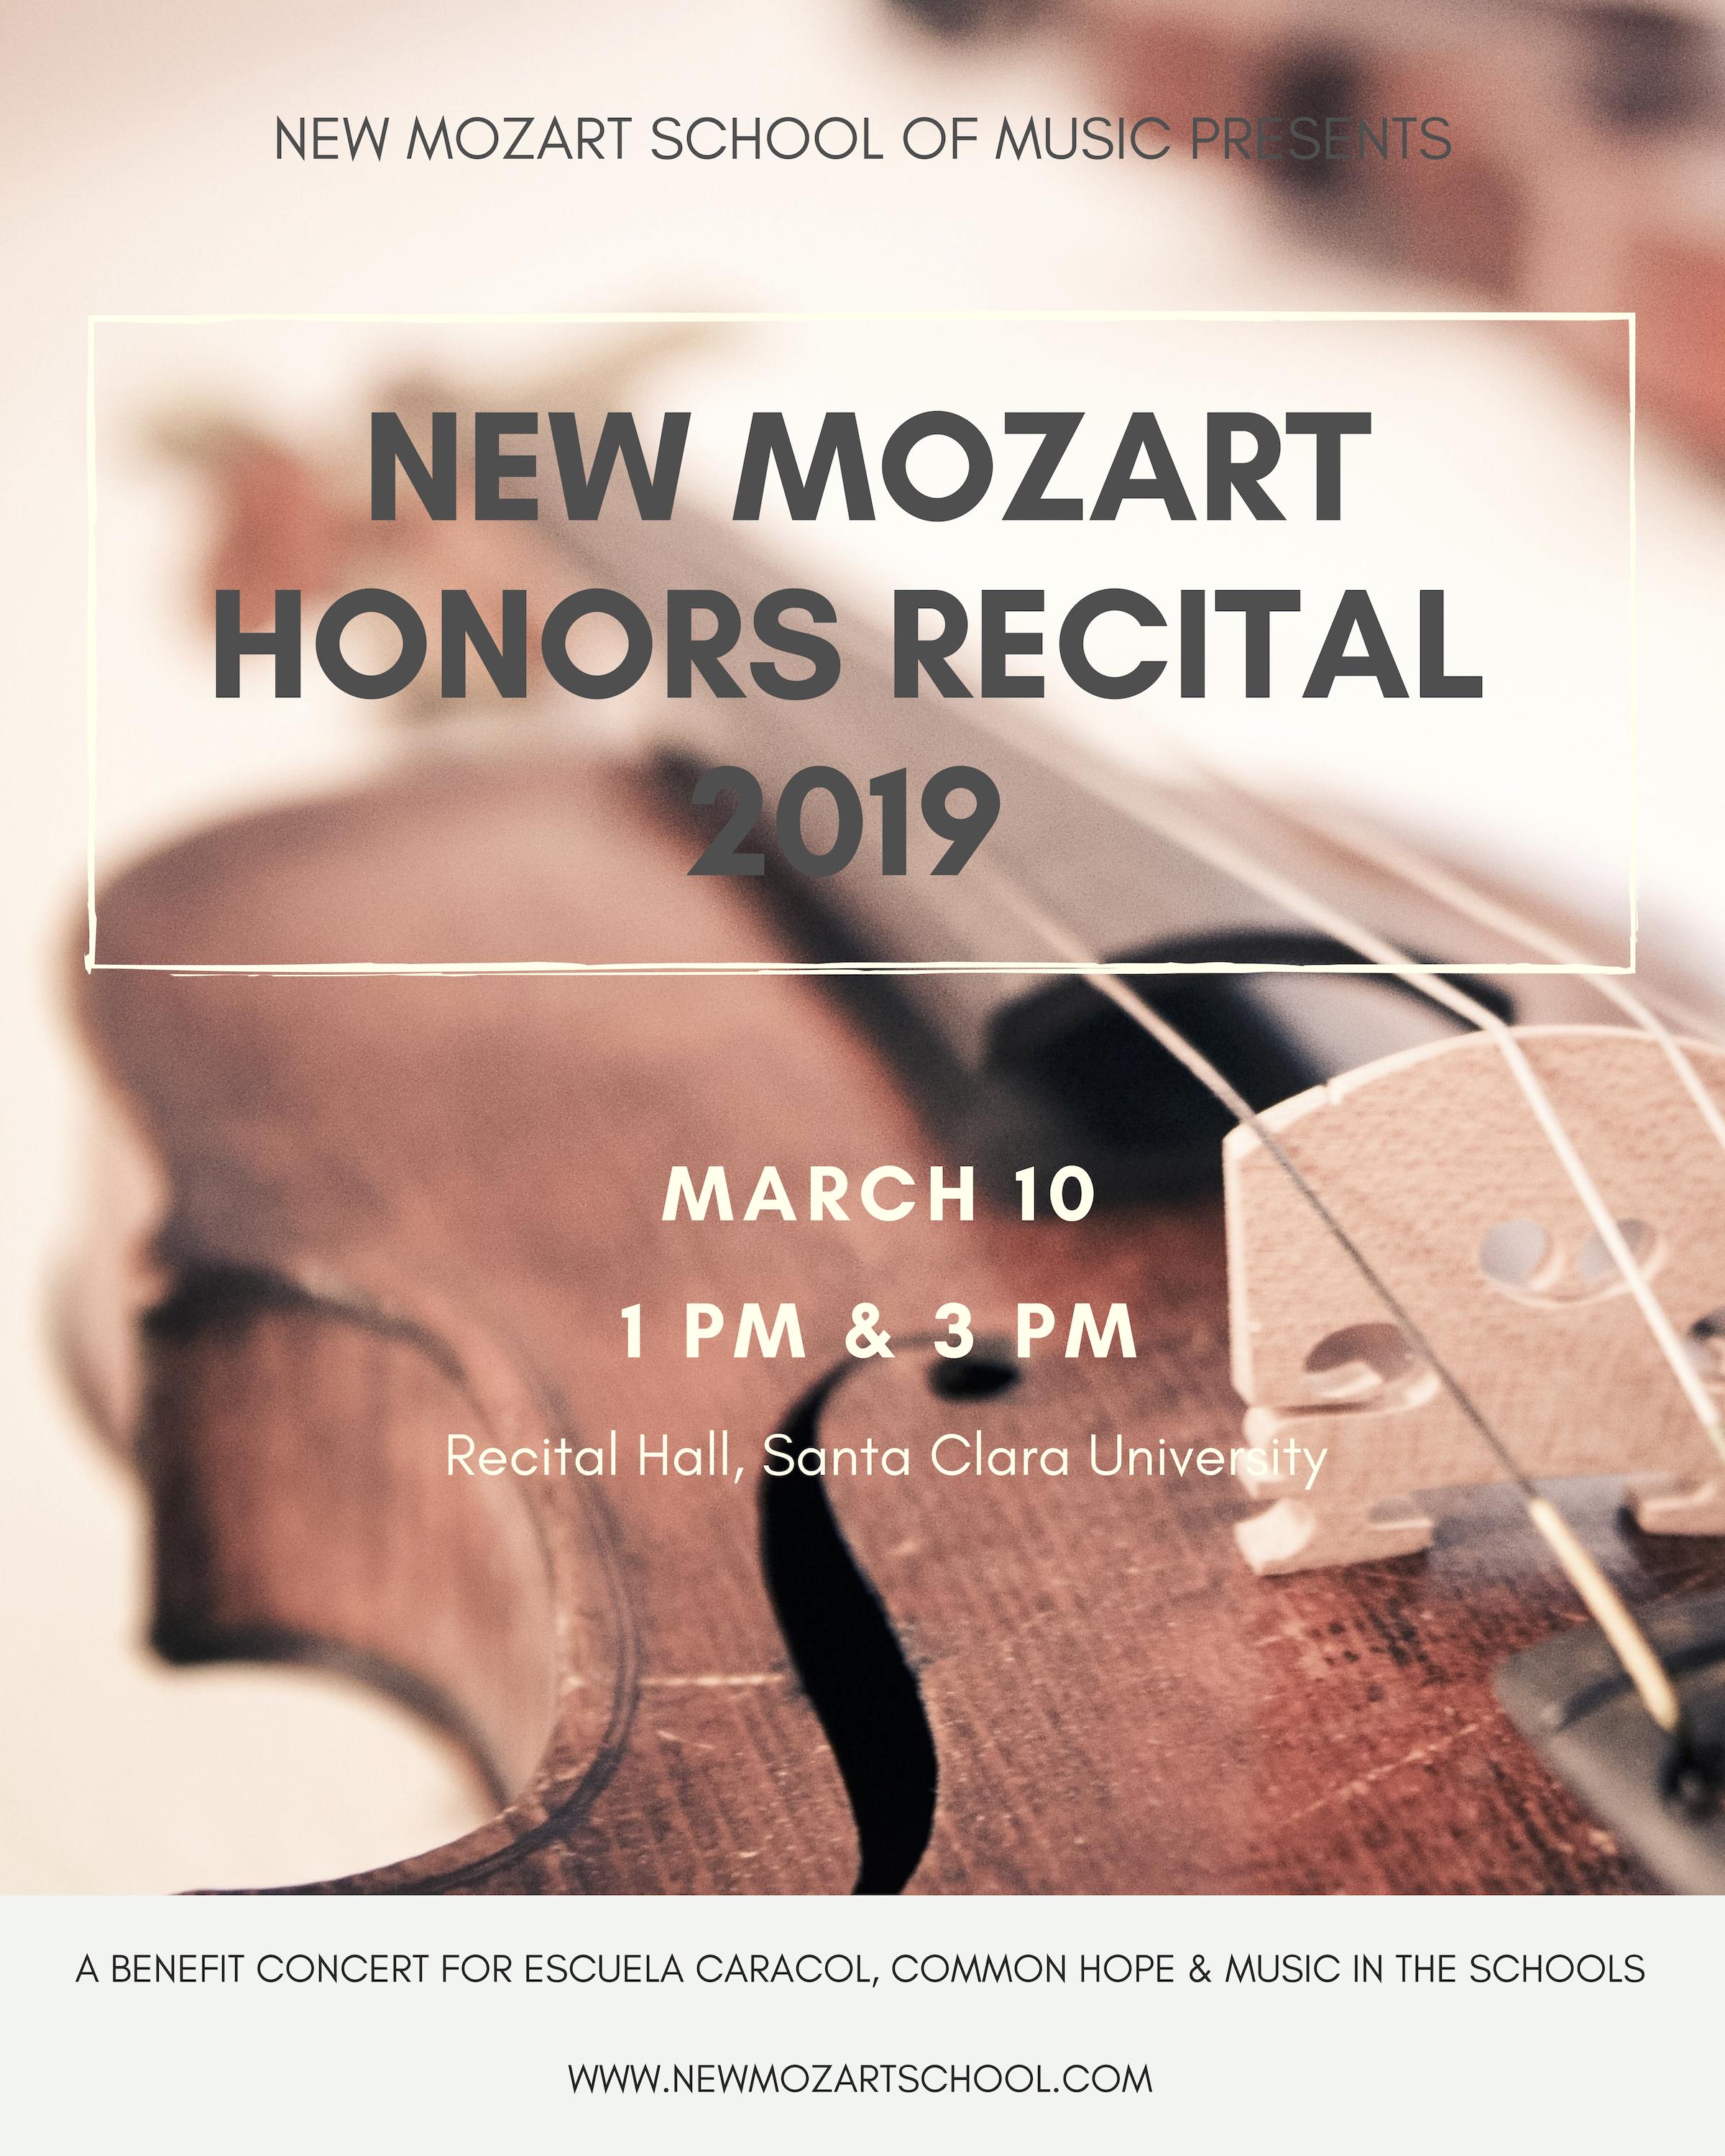 Honors Recital new mozart 2019